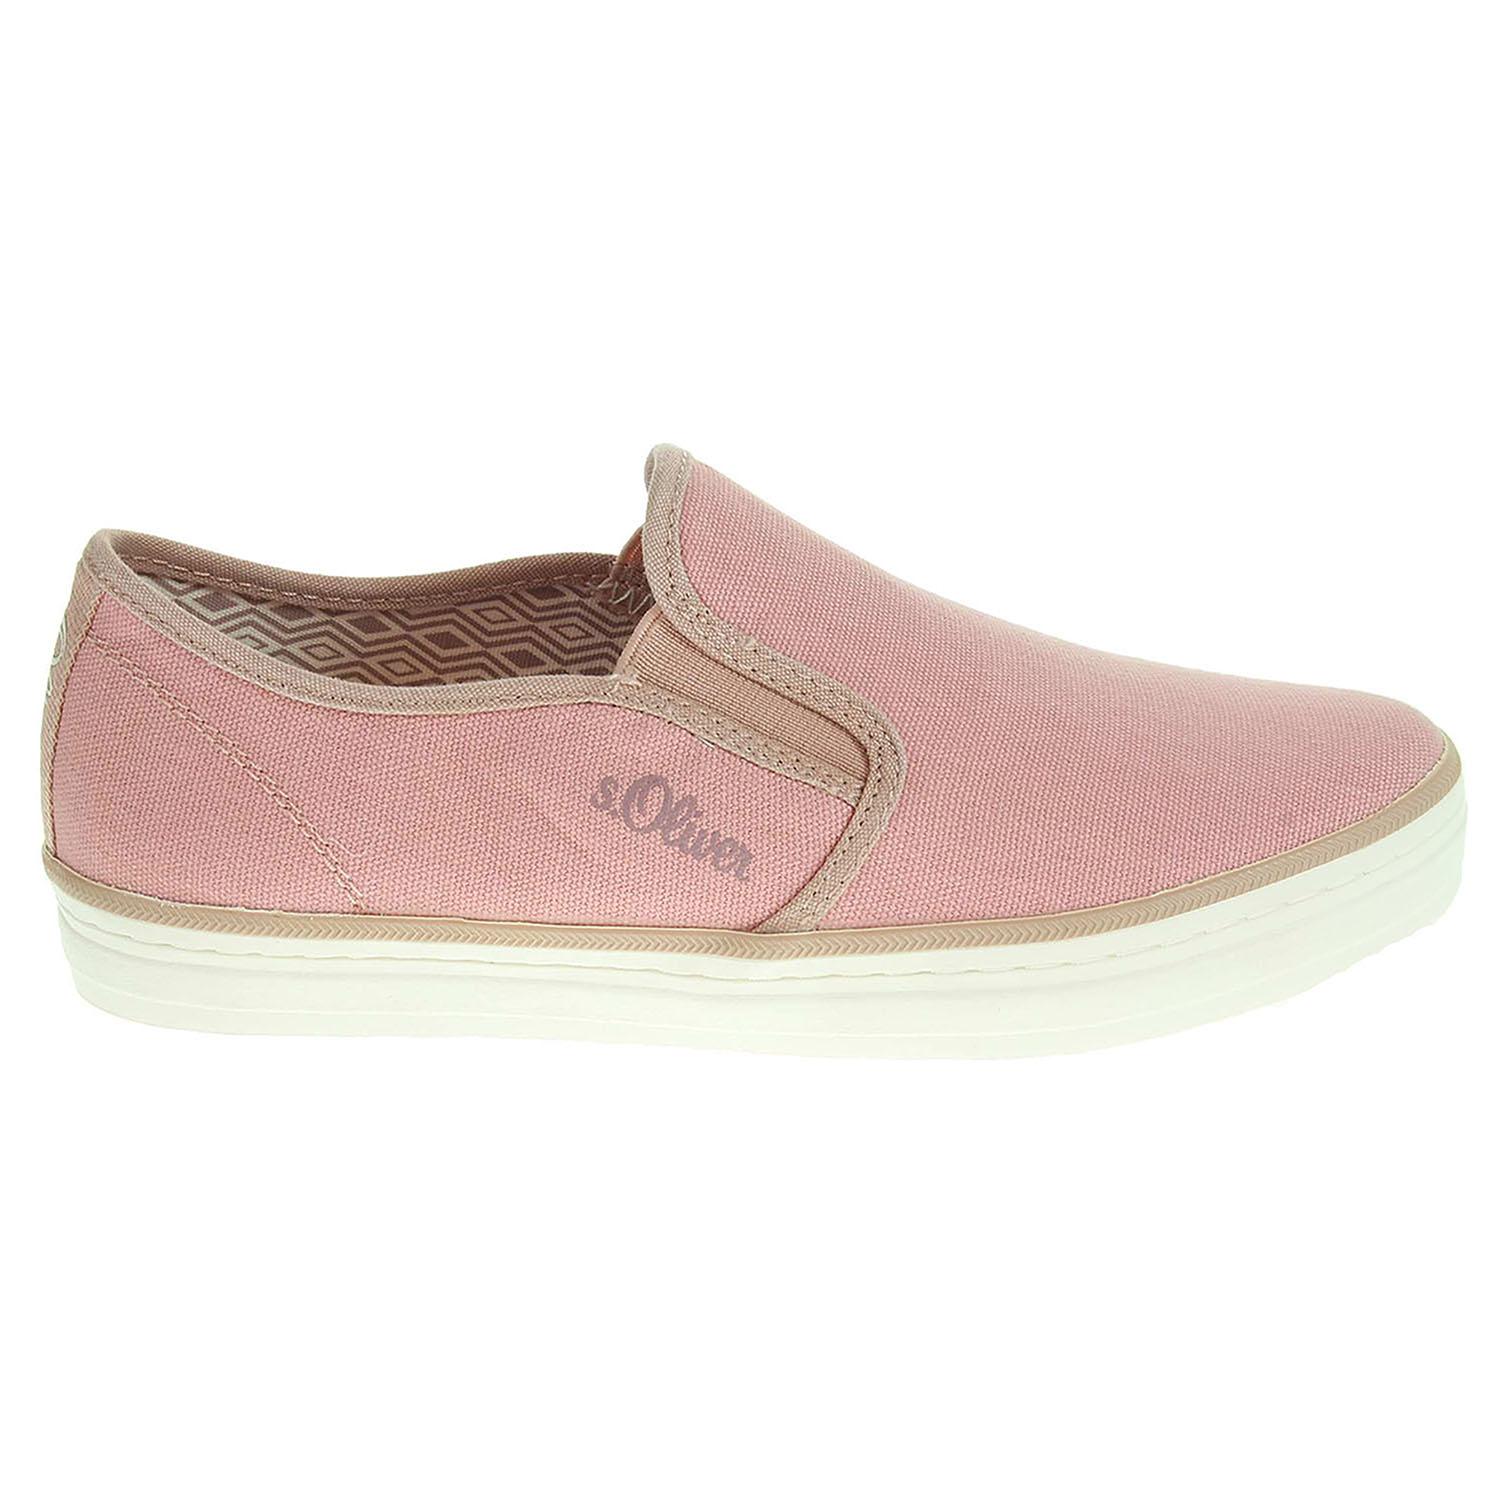 s.Oliver dámská obuv 5-24624-26 růžová 36